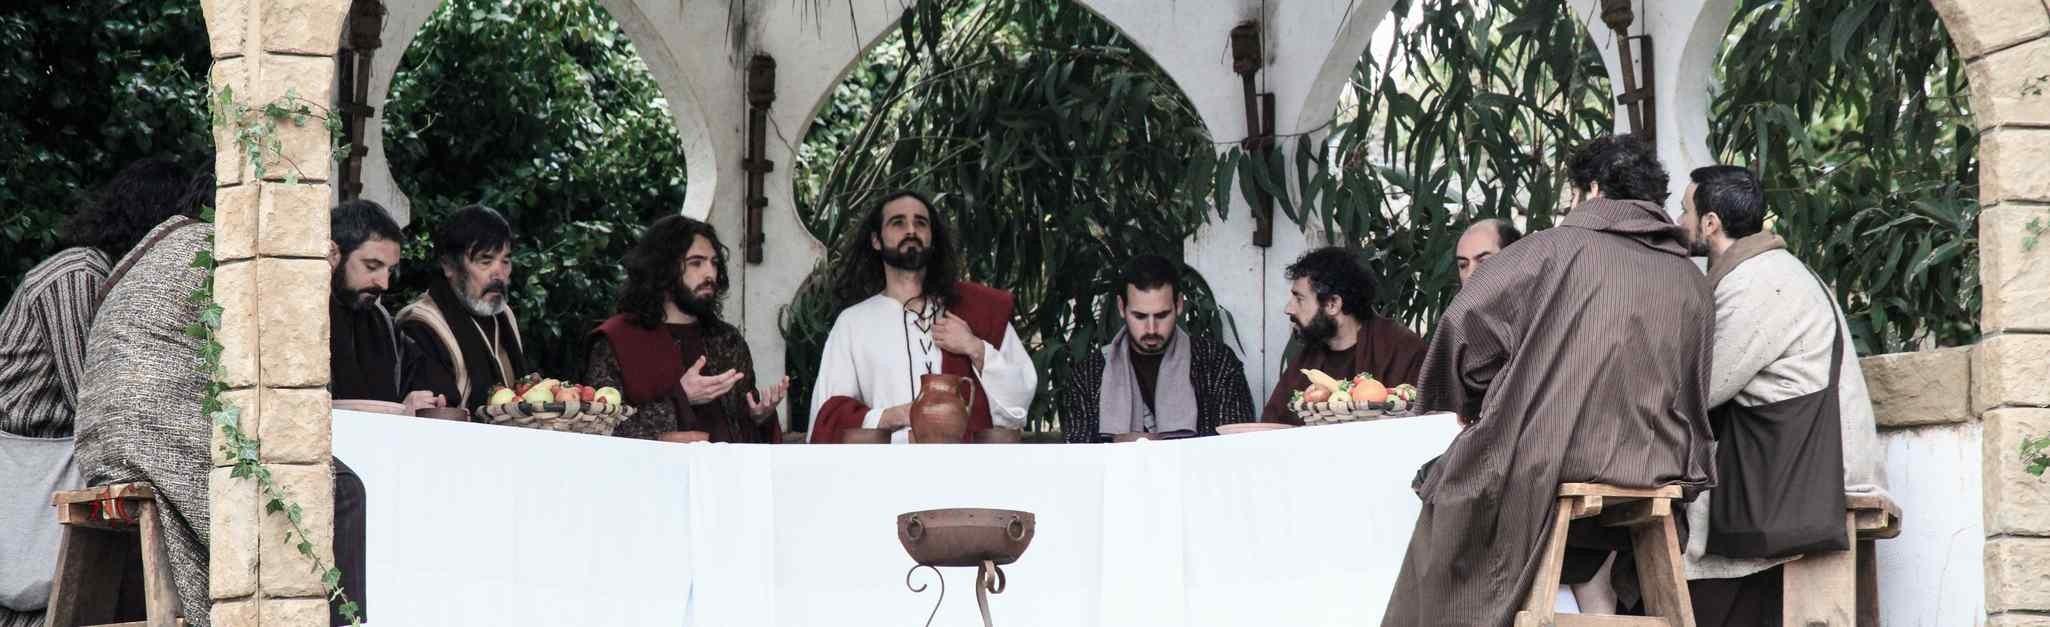 Pasion Viviente de Castro Ultima Cena